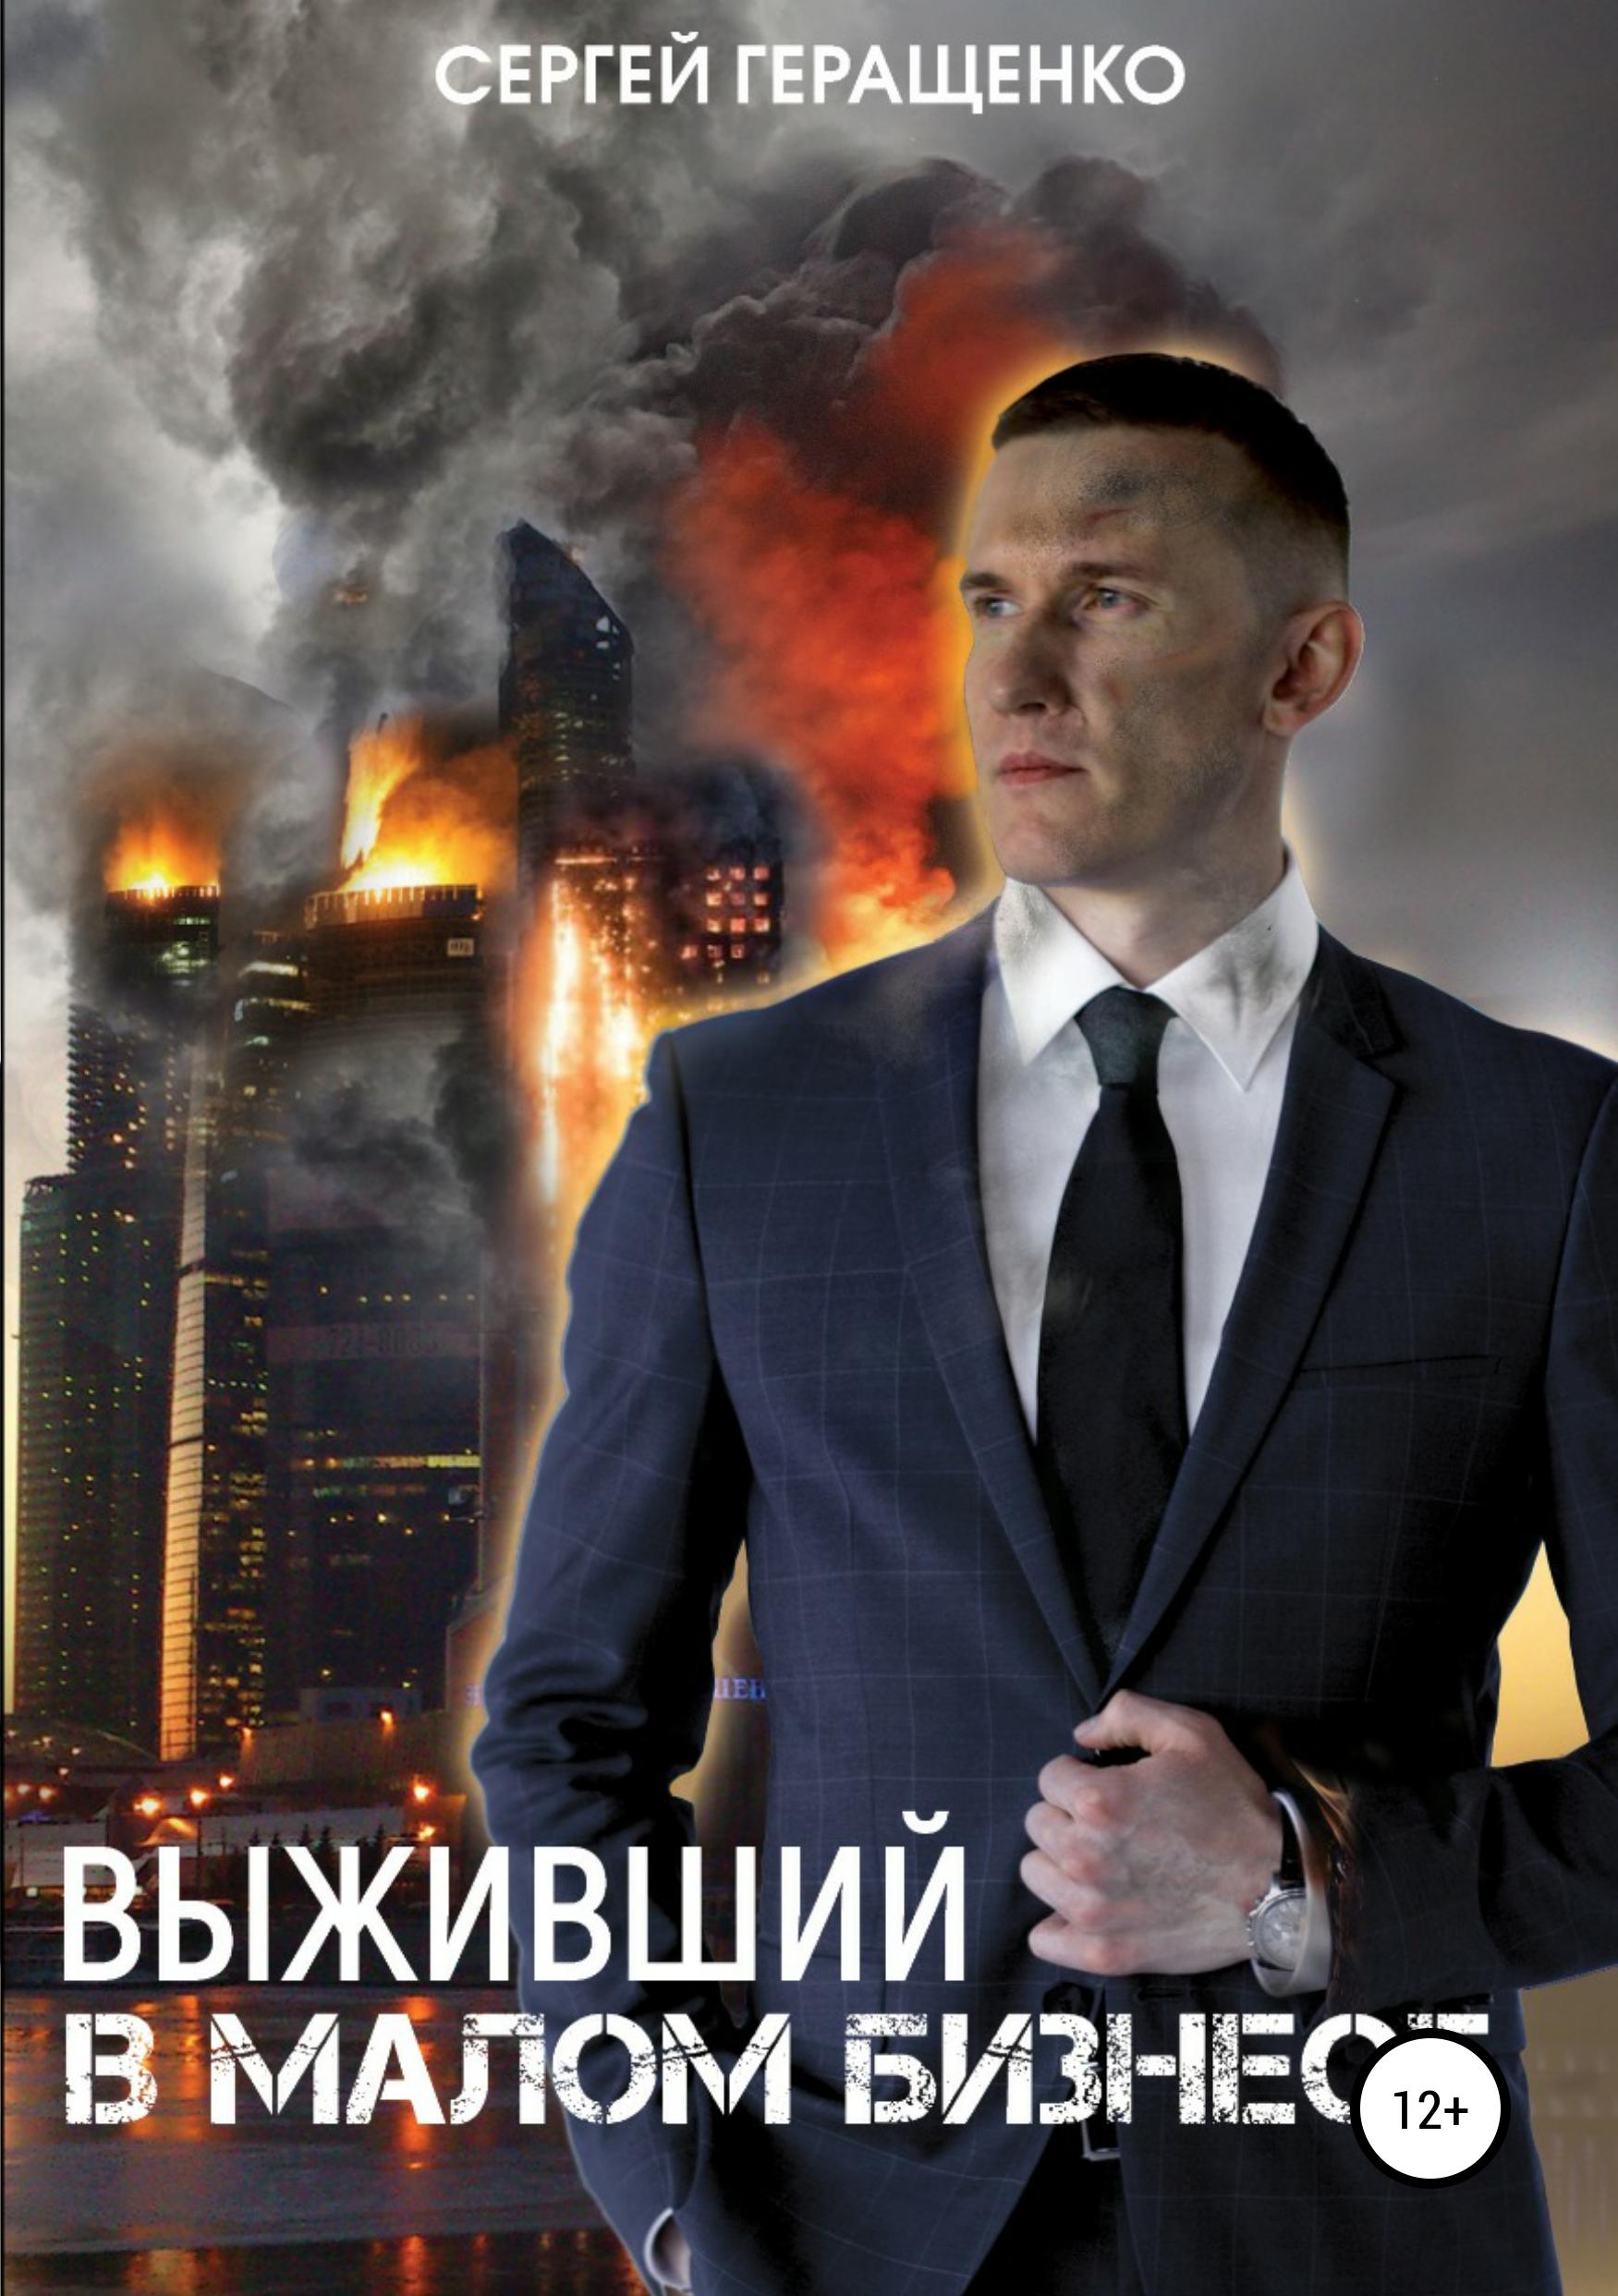 Обложка книги. Автор - Сергей Геращенко